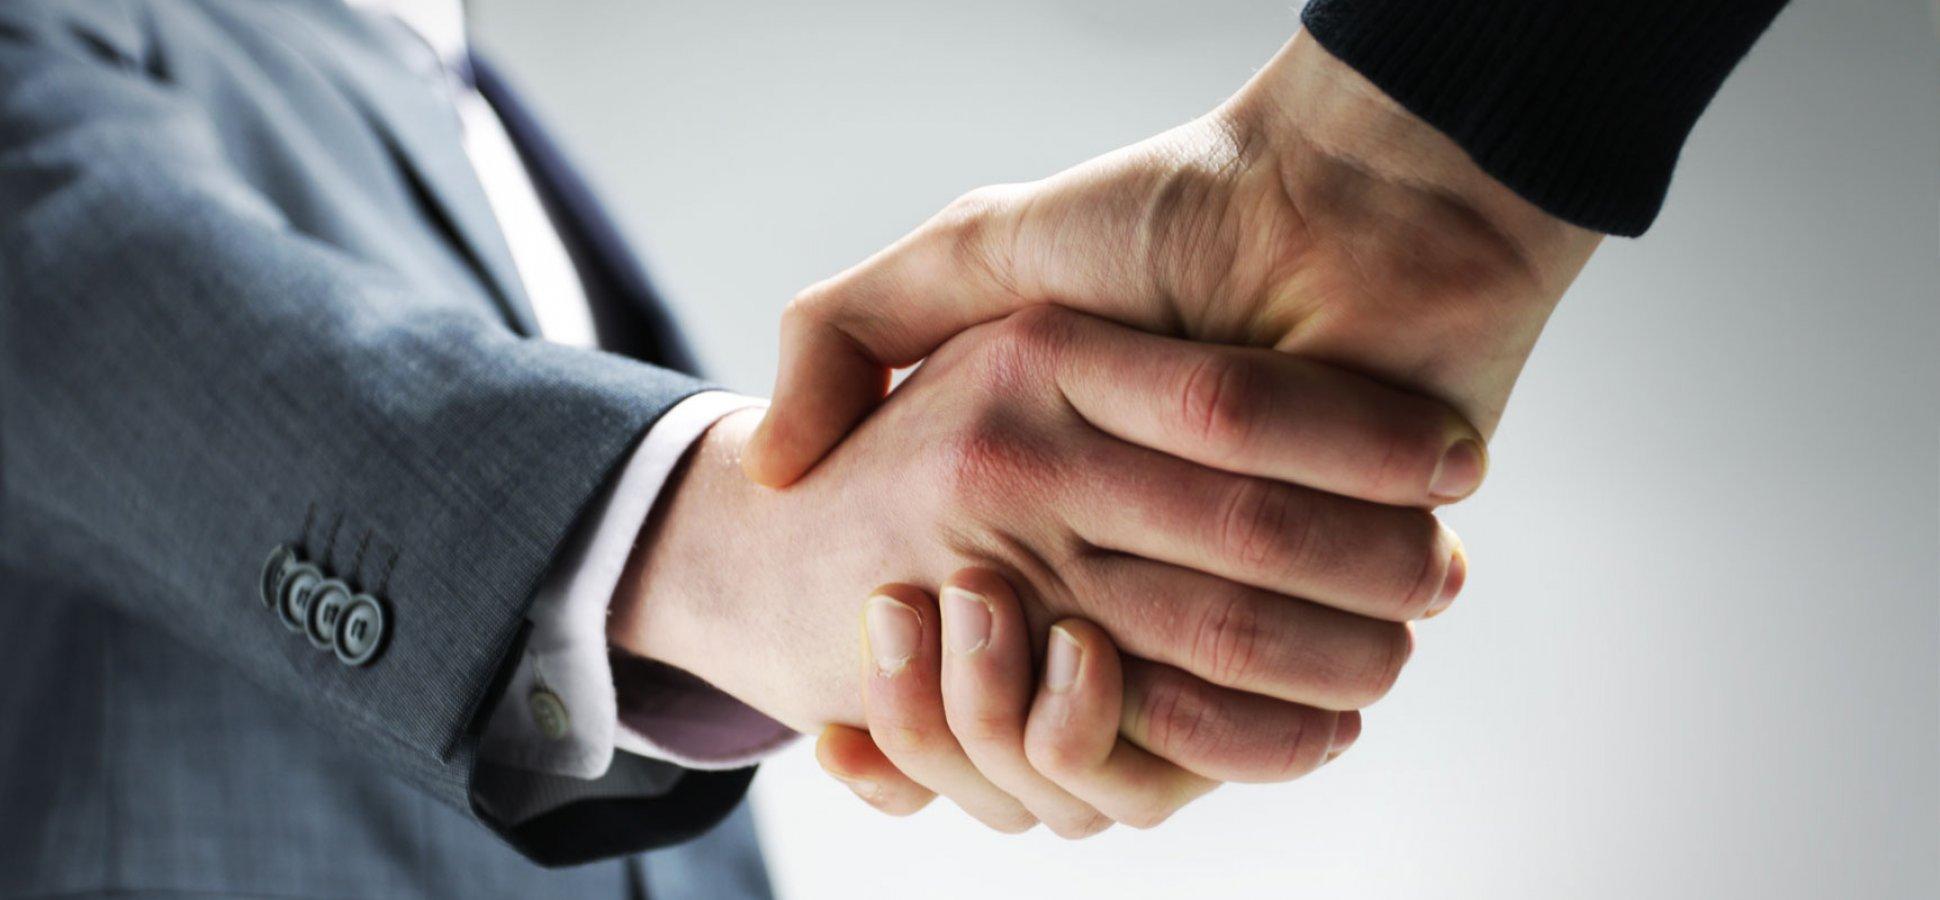 20-facts-13-handshake